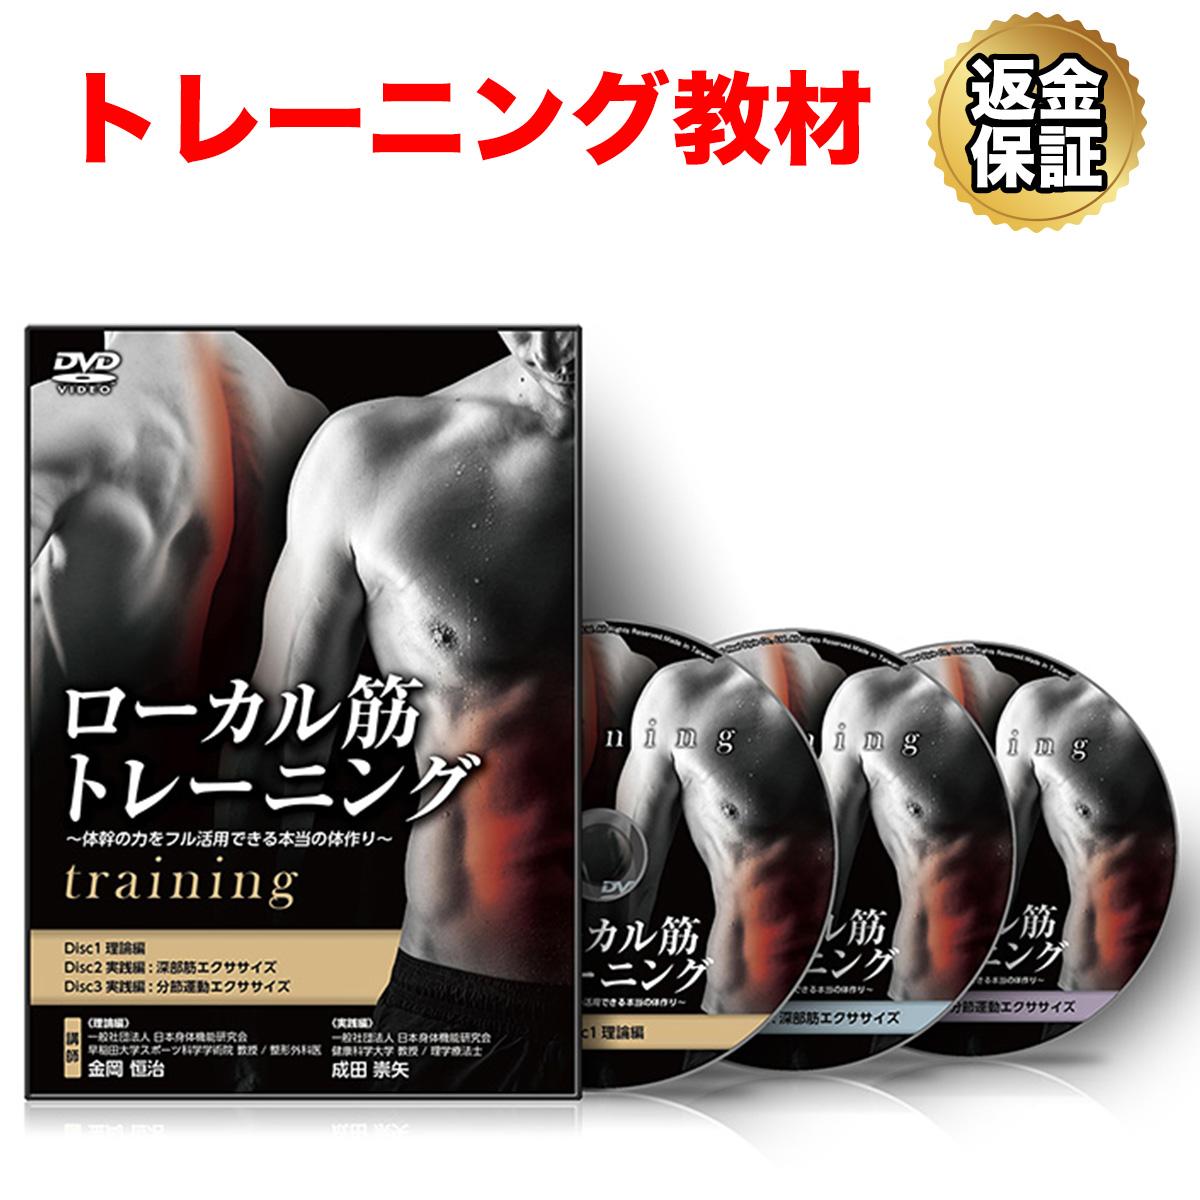 【トレーニング】ローカル筋トレーニング~体幹の力をフル活用できる本当の体作り